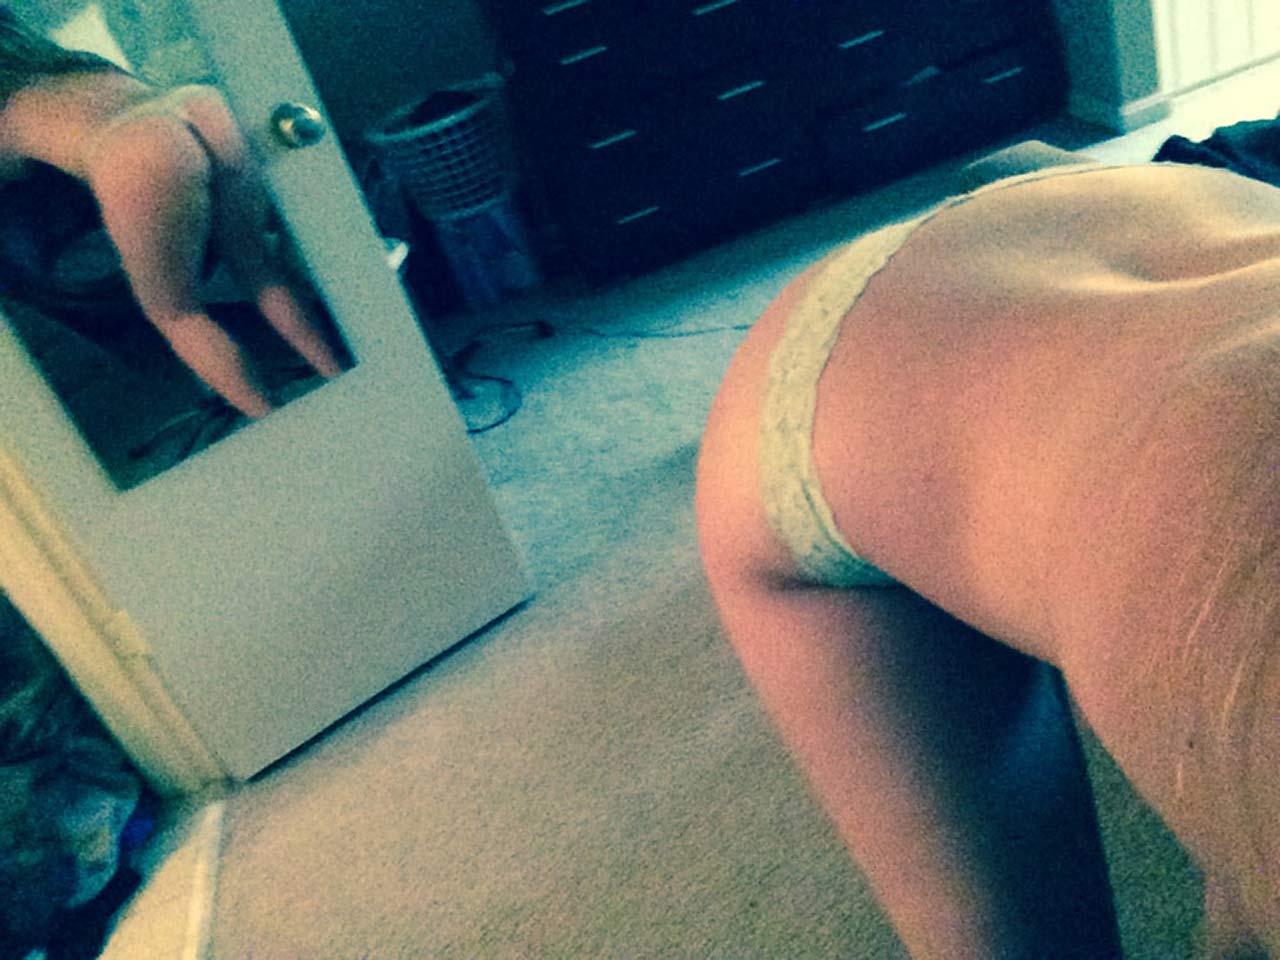 Yoga pants femdom